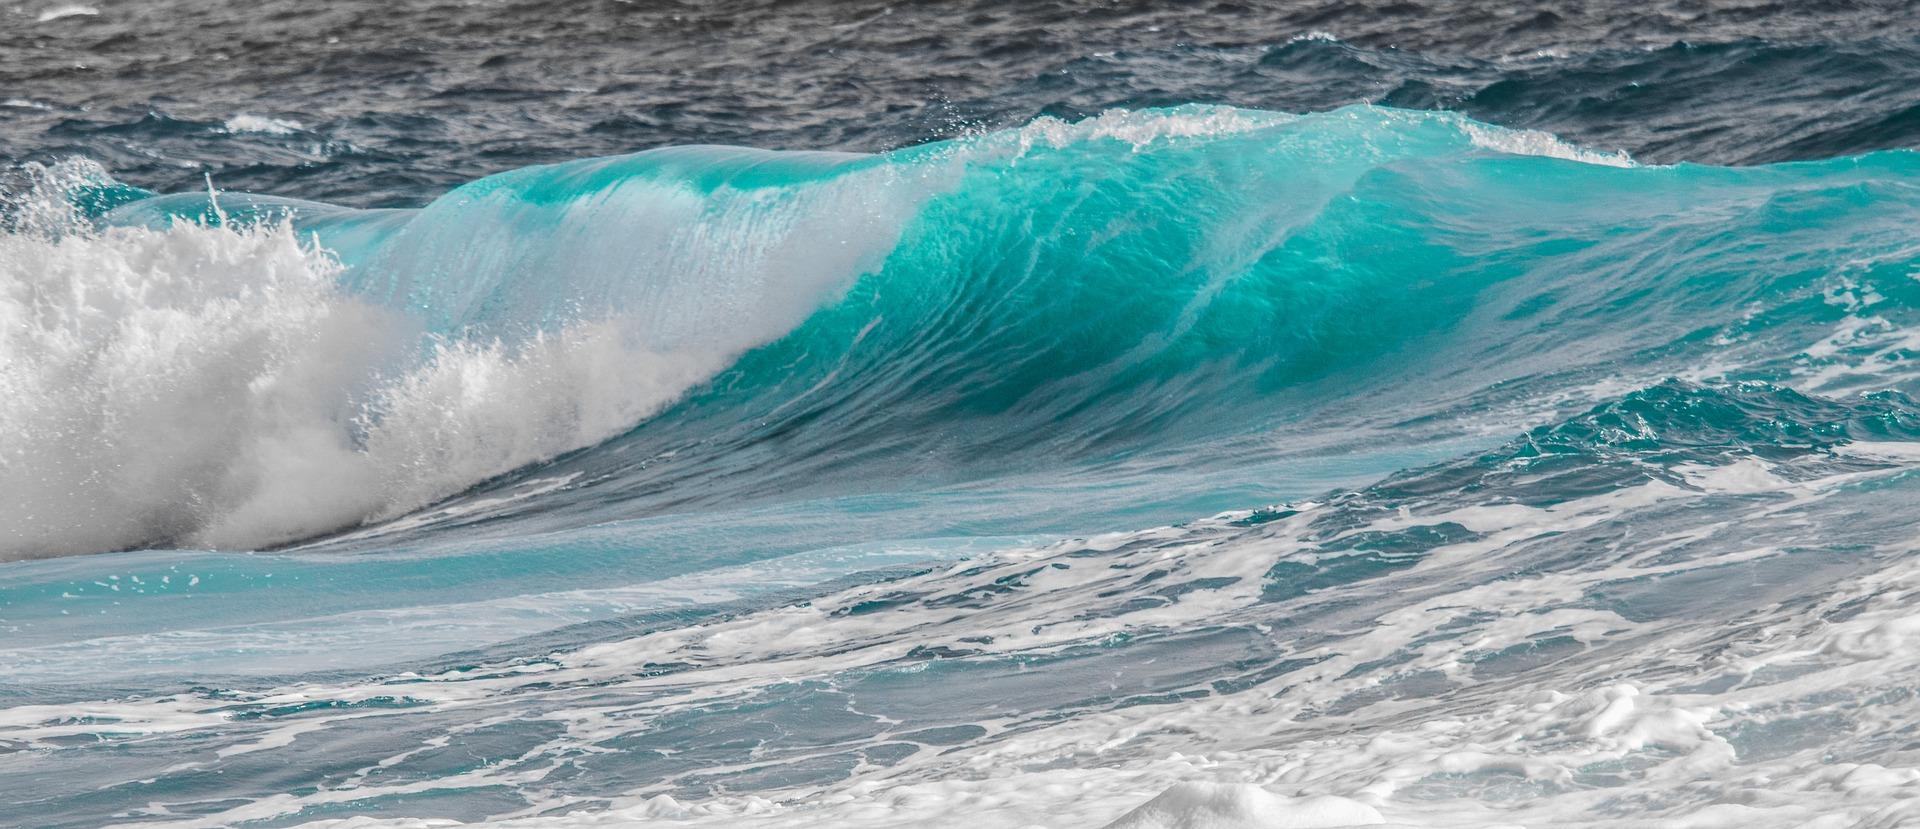 türkisblaue Wellen